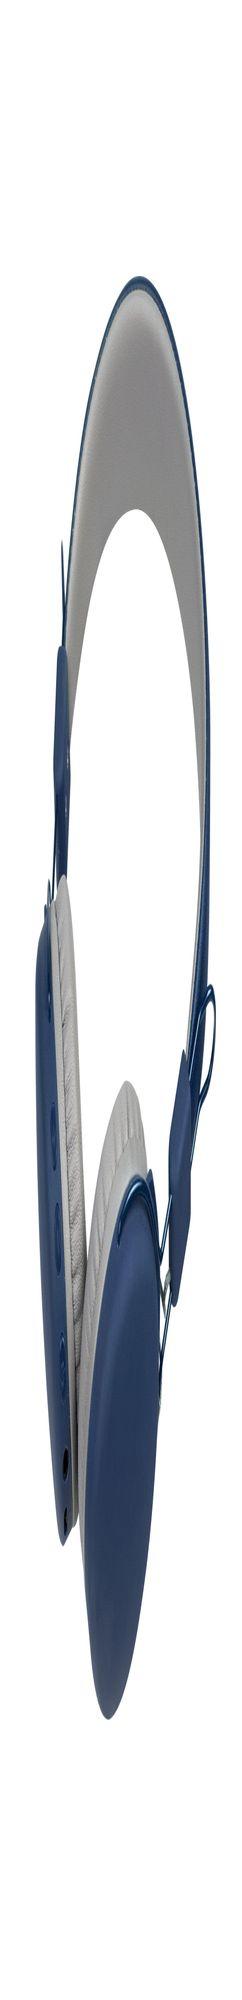 Наушники беспроводные Rombica Mysound BH-03, синие фото